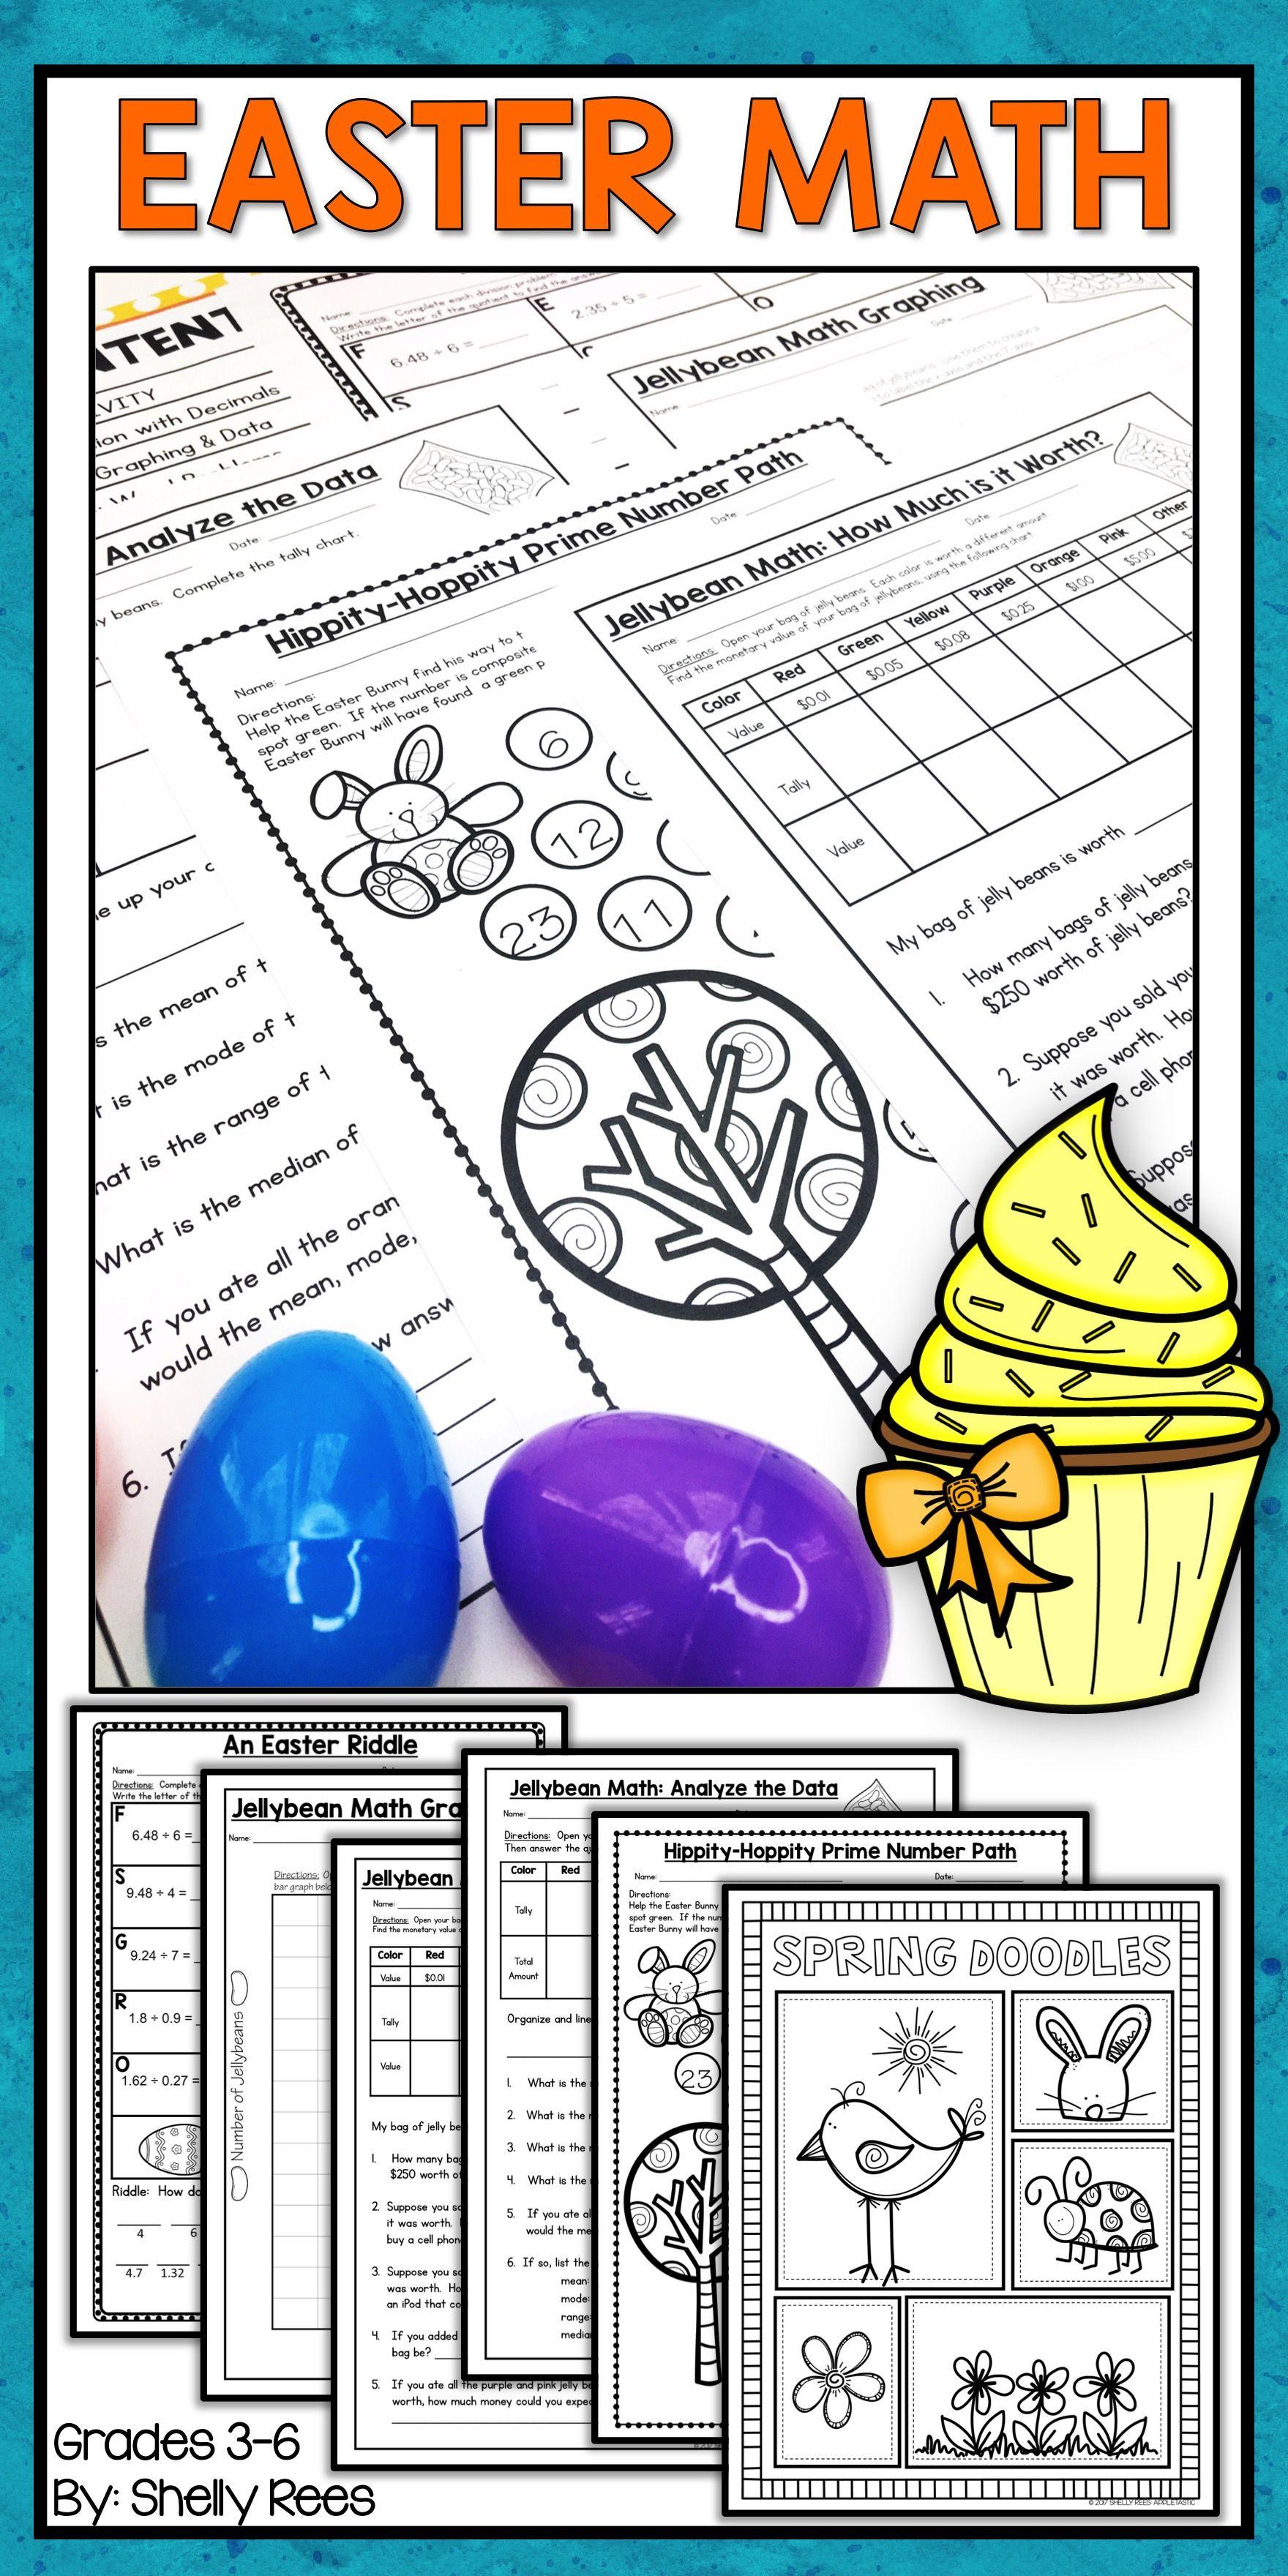 Easter Math Worksheets - Jellybean Math - Easter Activities ...